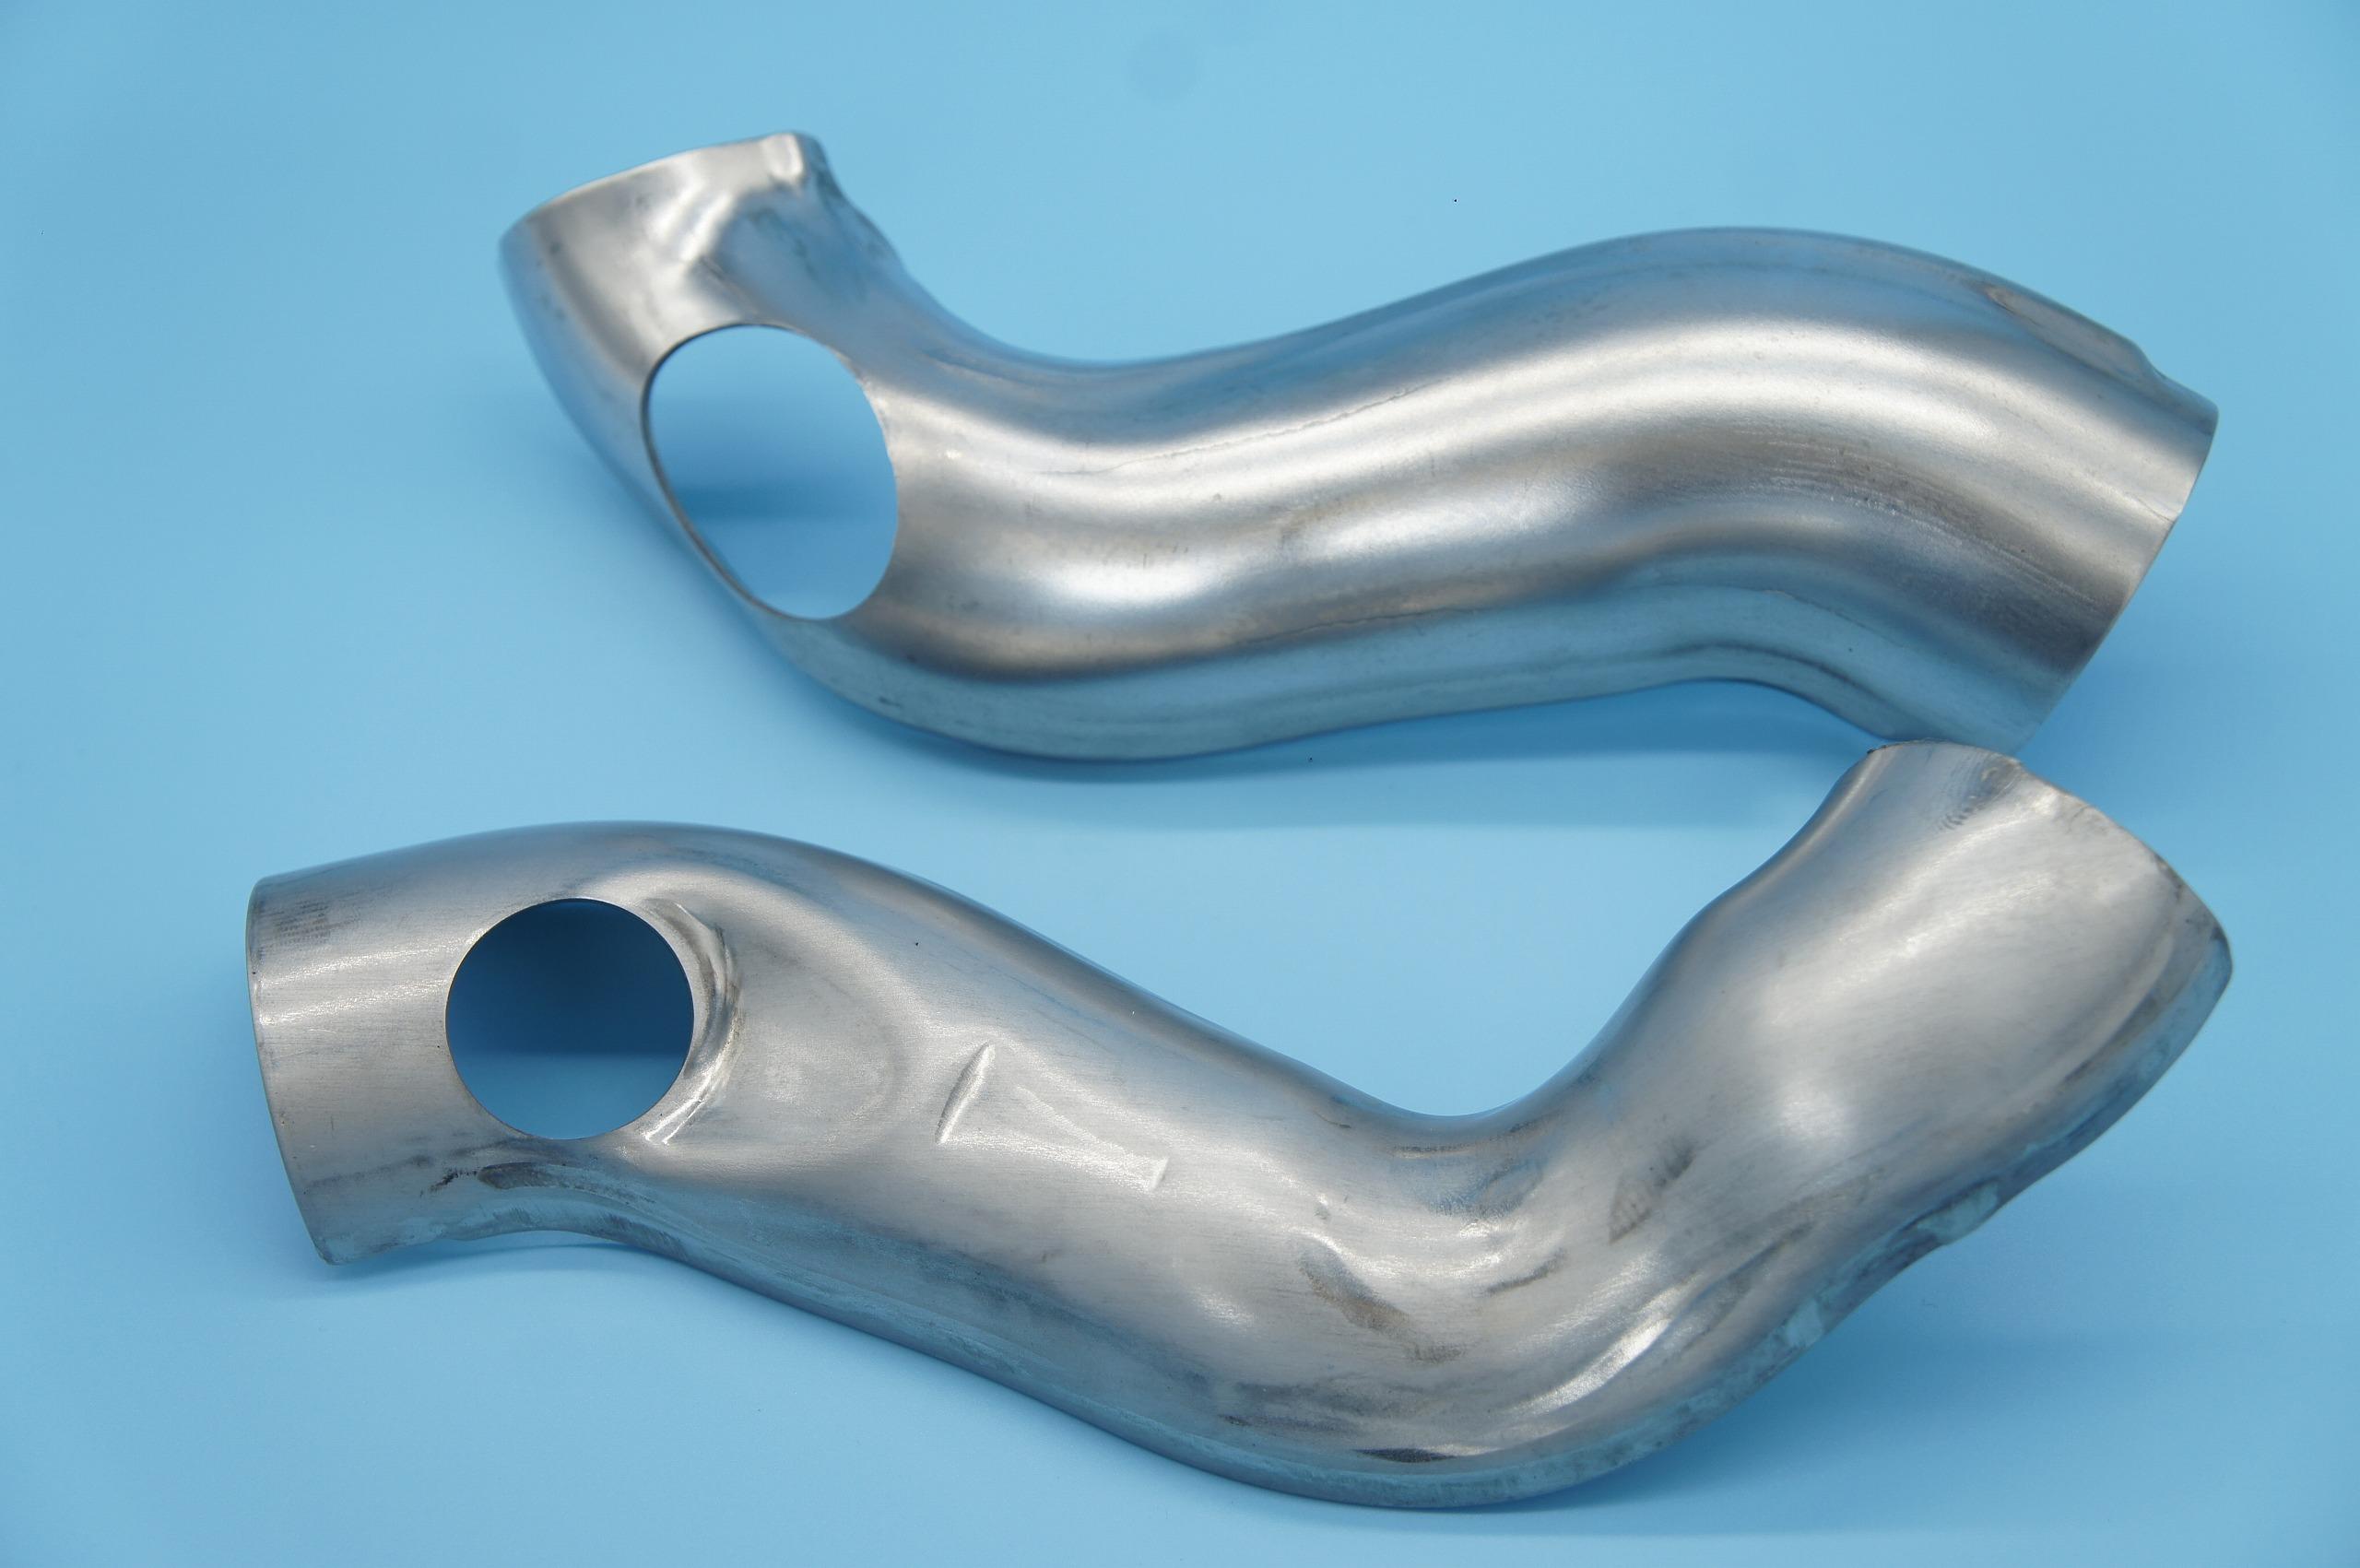 排気管モナカ|排気管モナカ|プレス加工と金型の設計・製作でチャレンジを続ける会社|株式会社フクヤマ